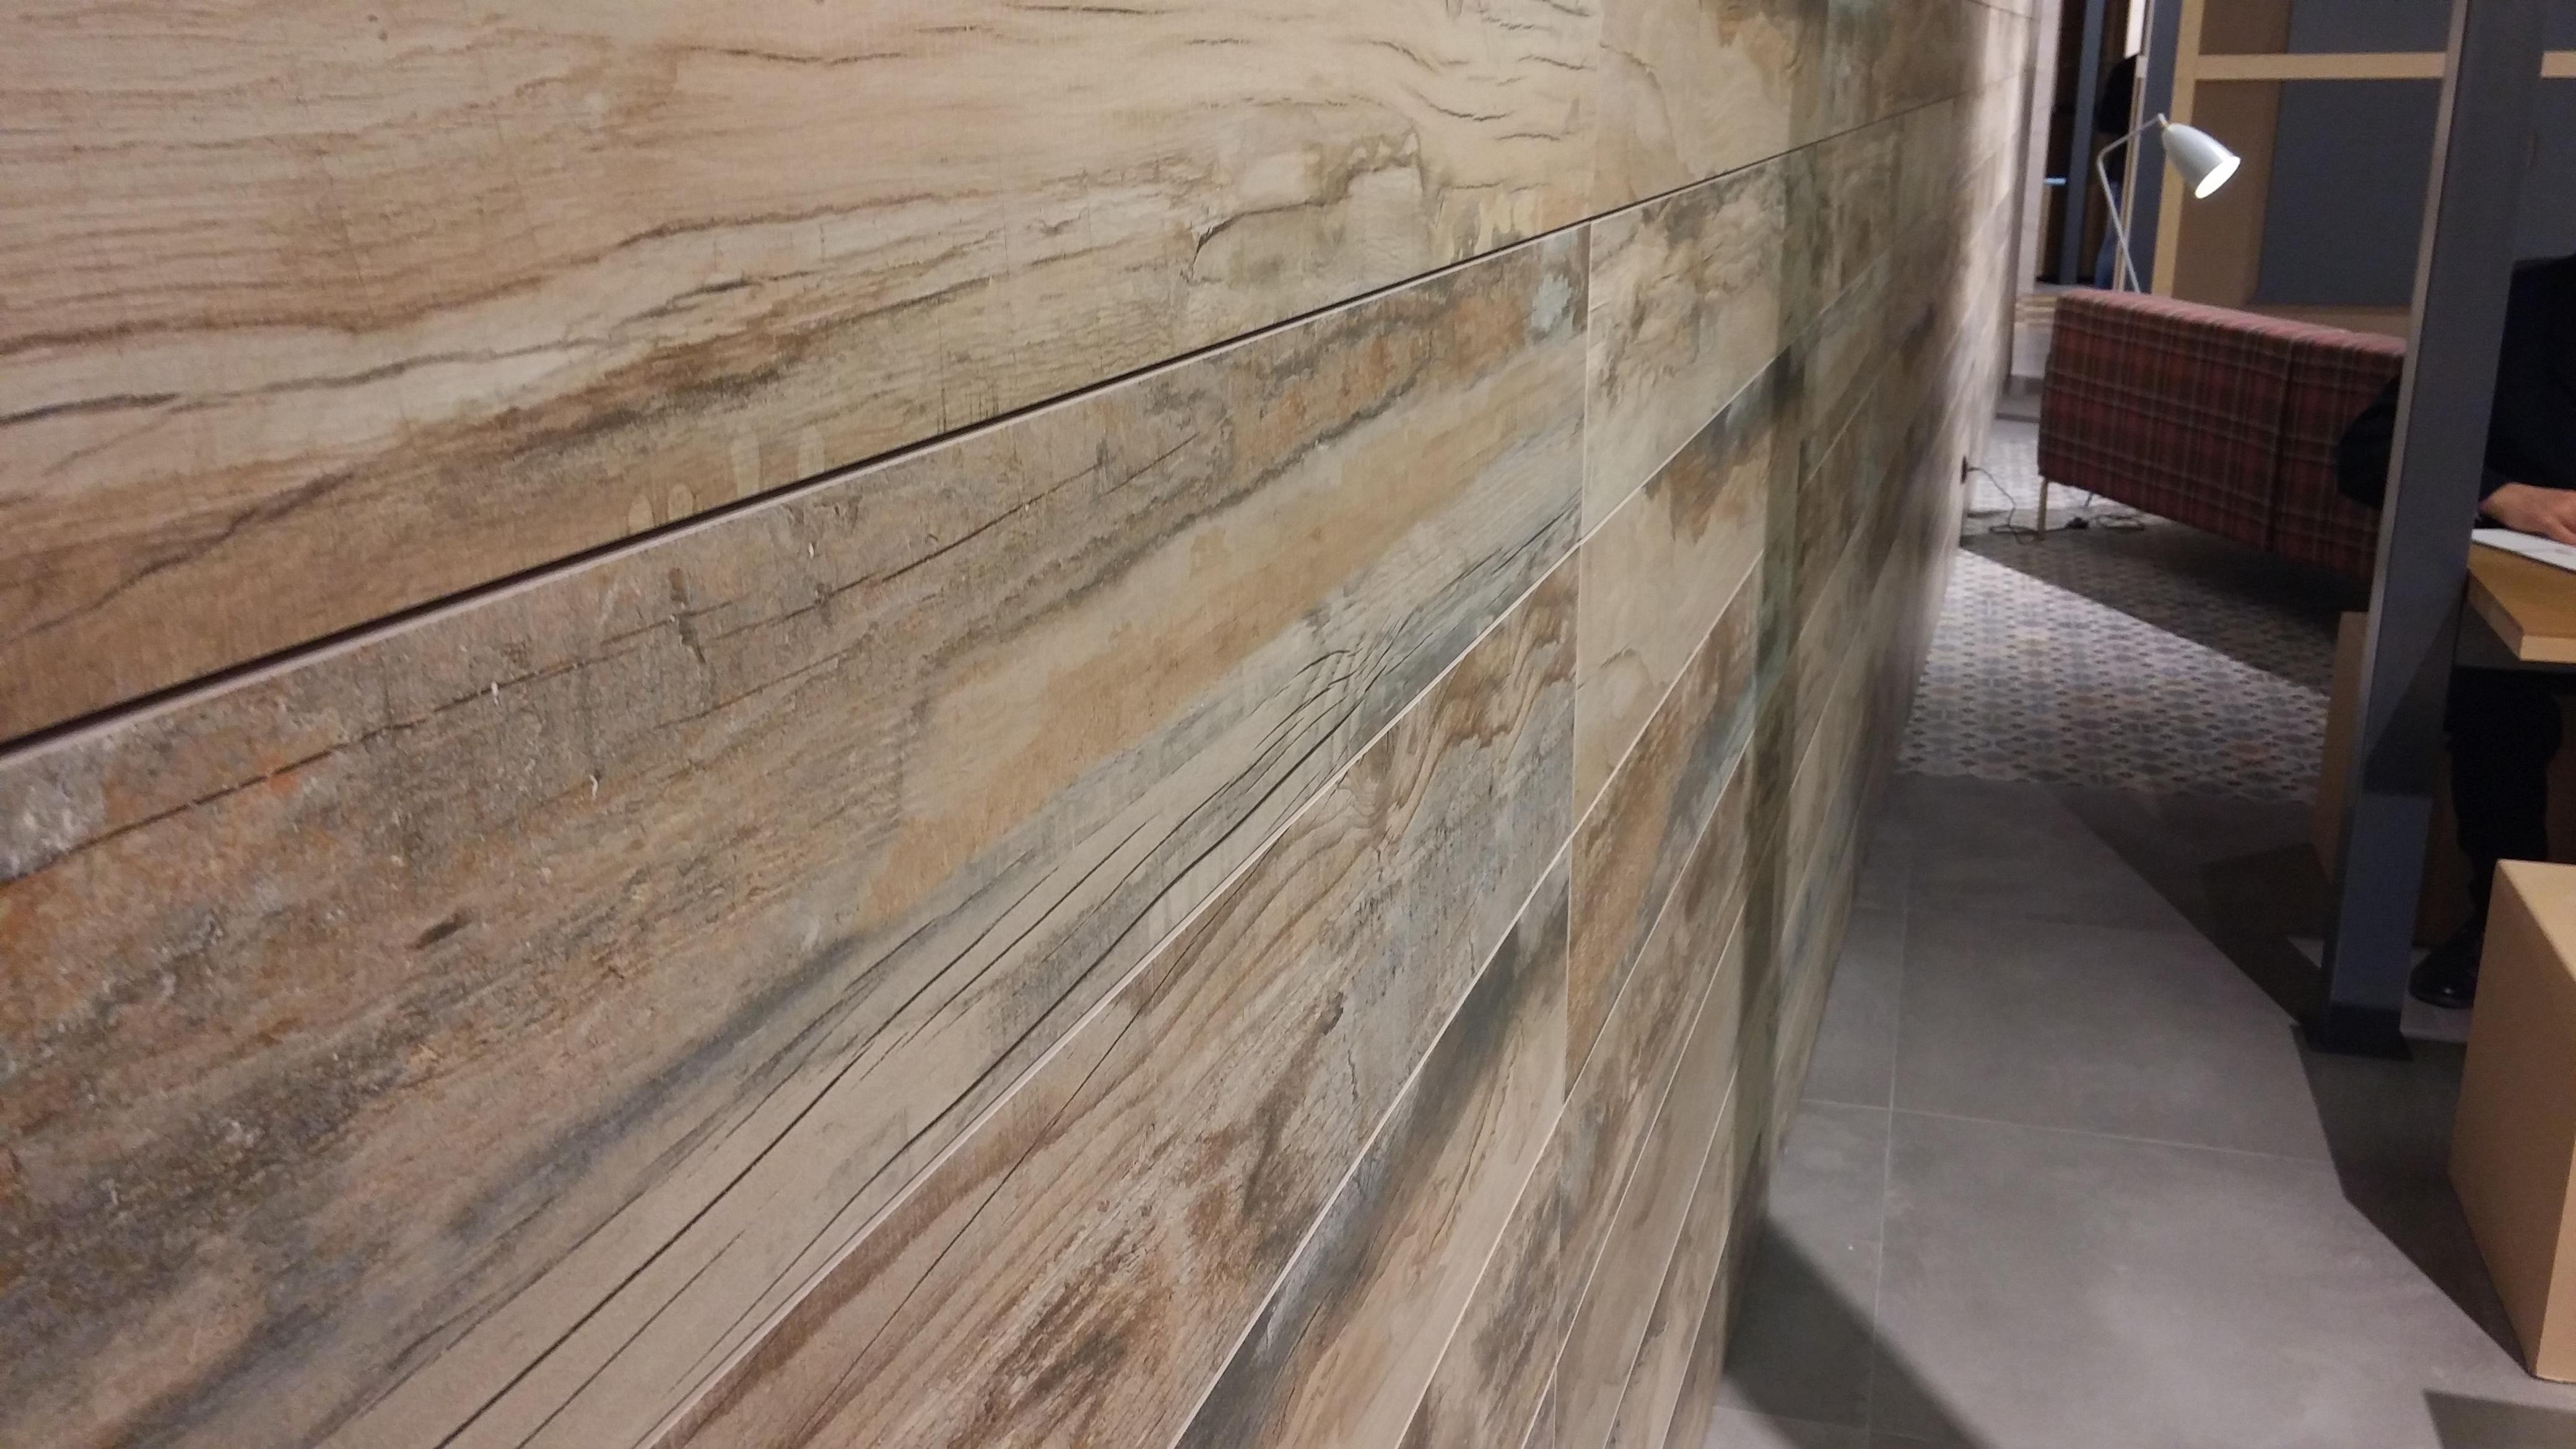 Novedades azulejos 2015 16 tino jornet for Planchas de madera para paredes